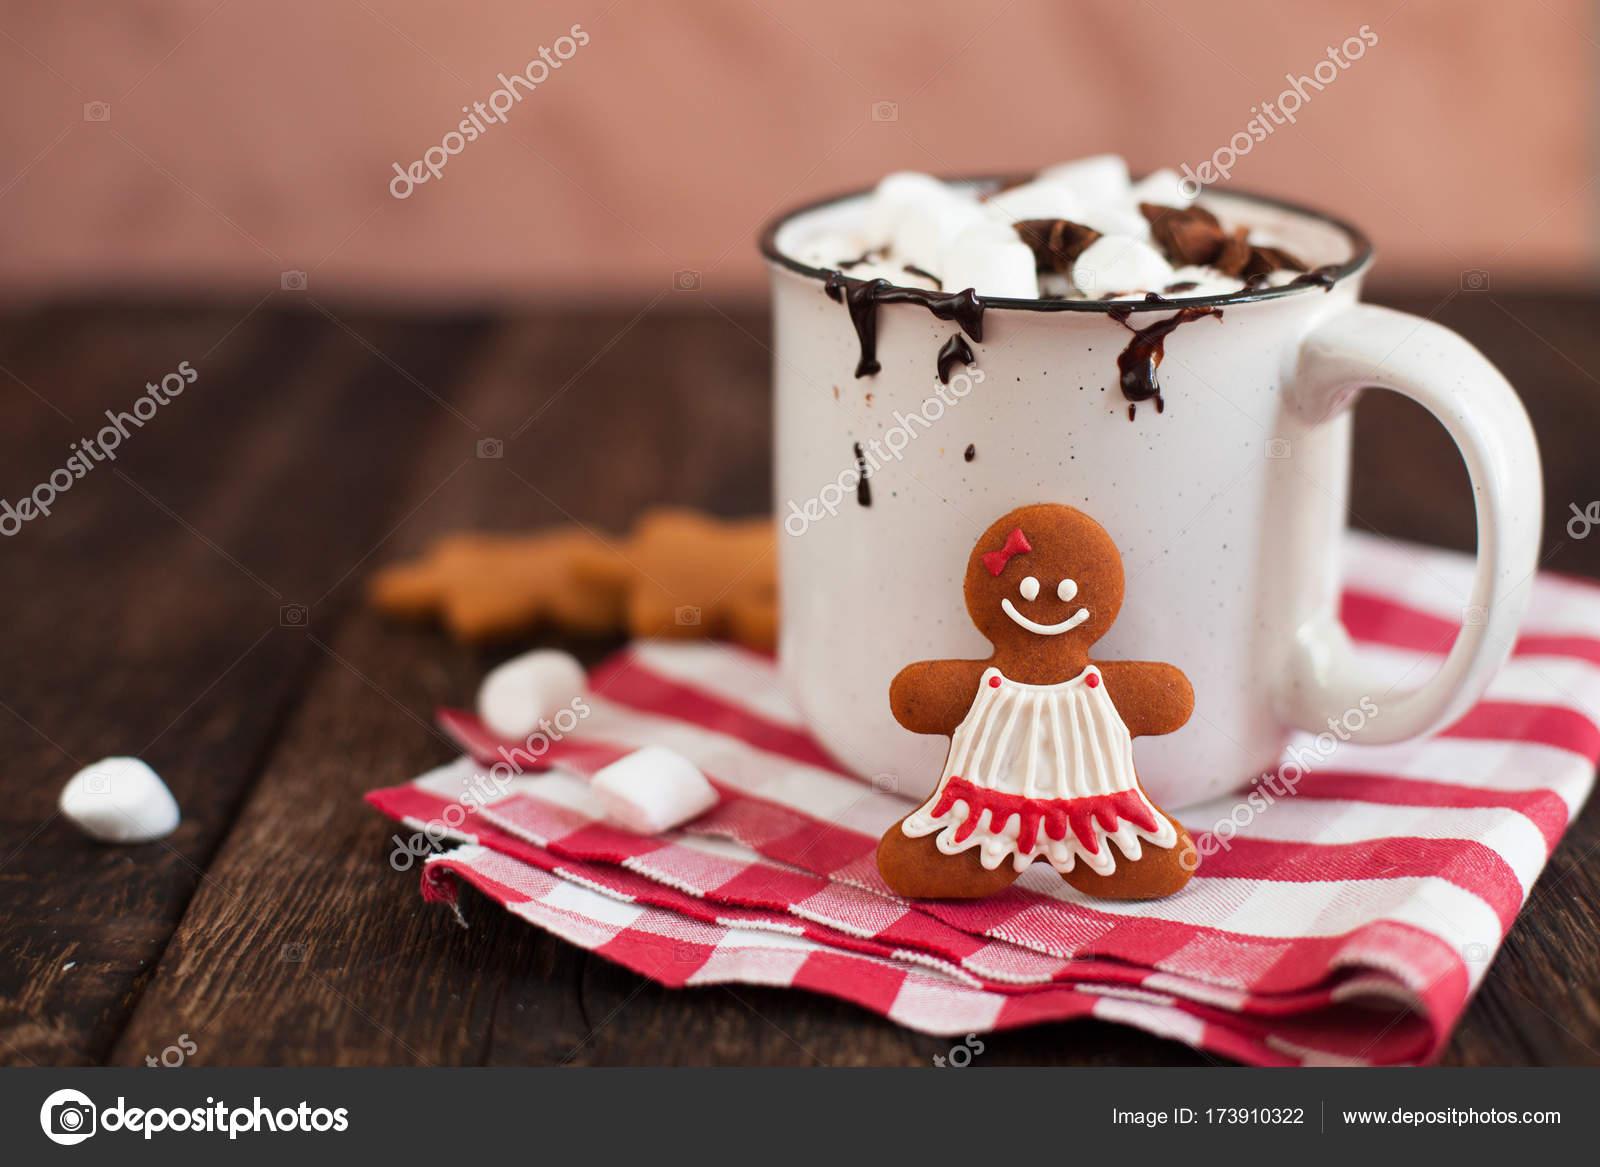 Mug Of Hot Chocolate Or Cocoa With Christmas Cookies And Marsmal